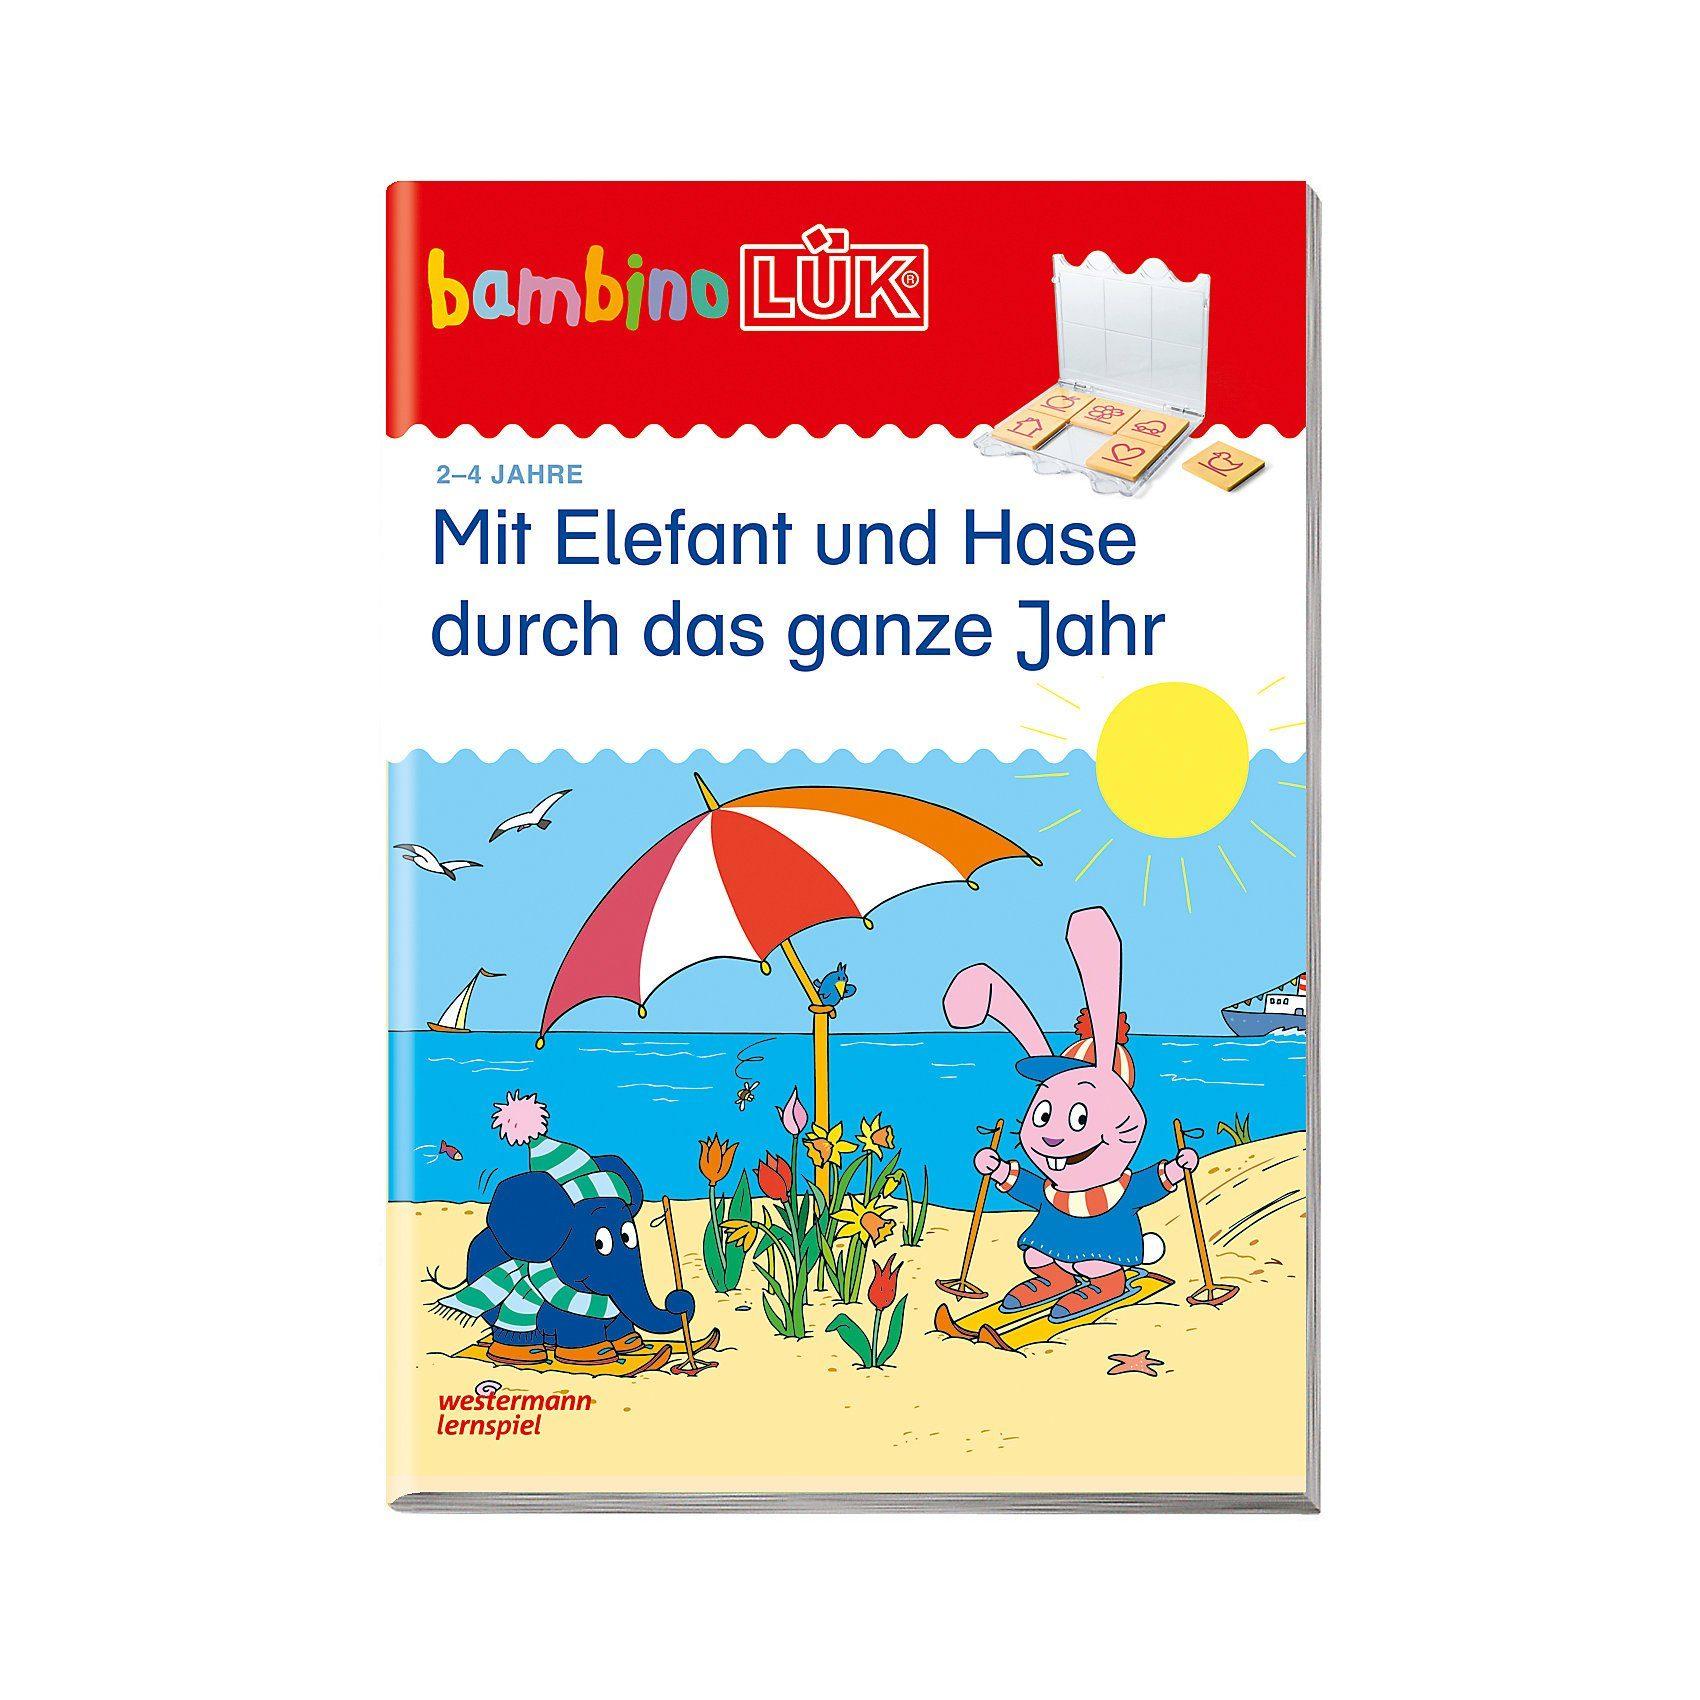 Westermann Verlag bambino LÜK: Mit Elefant und Hase durch das ganze Jahr